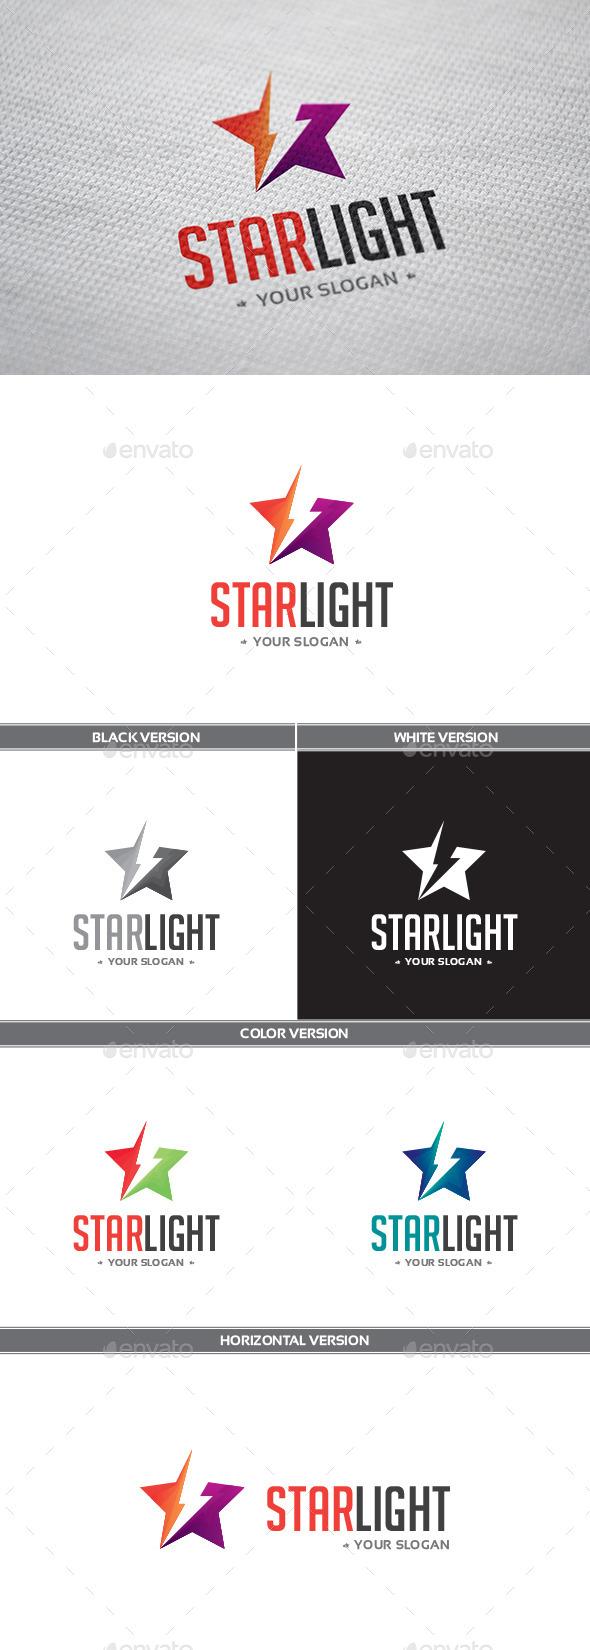 GraphicRiver Starlight Logo 9180240